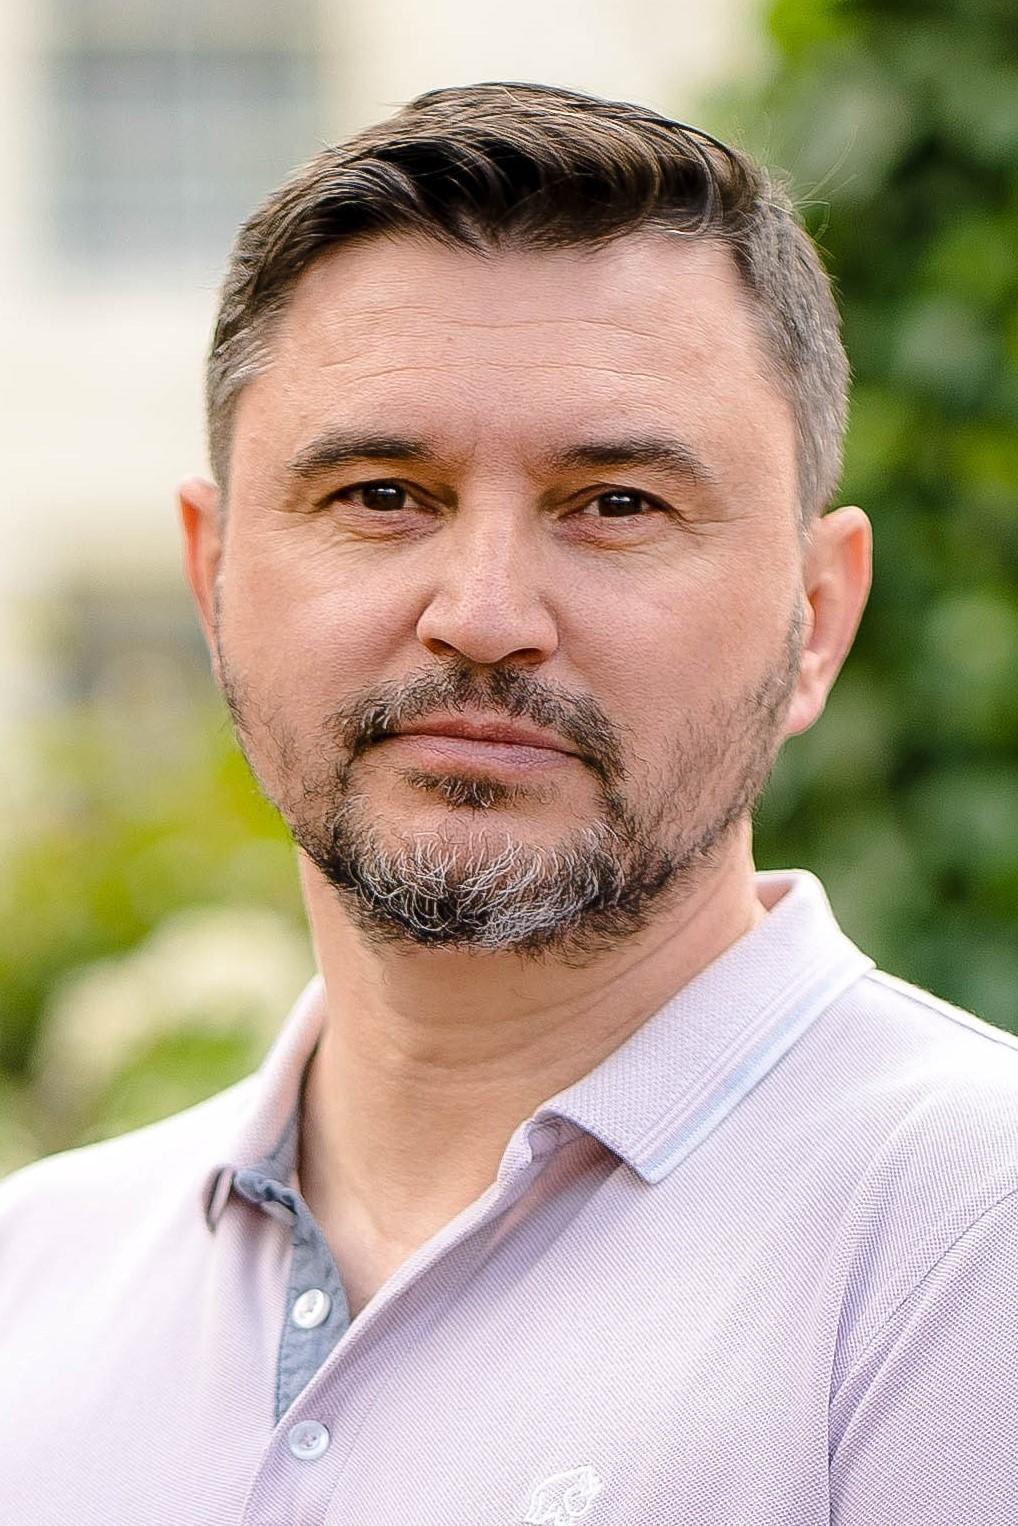 Andrew Siano